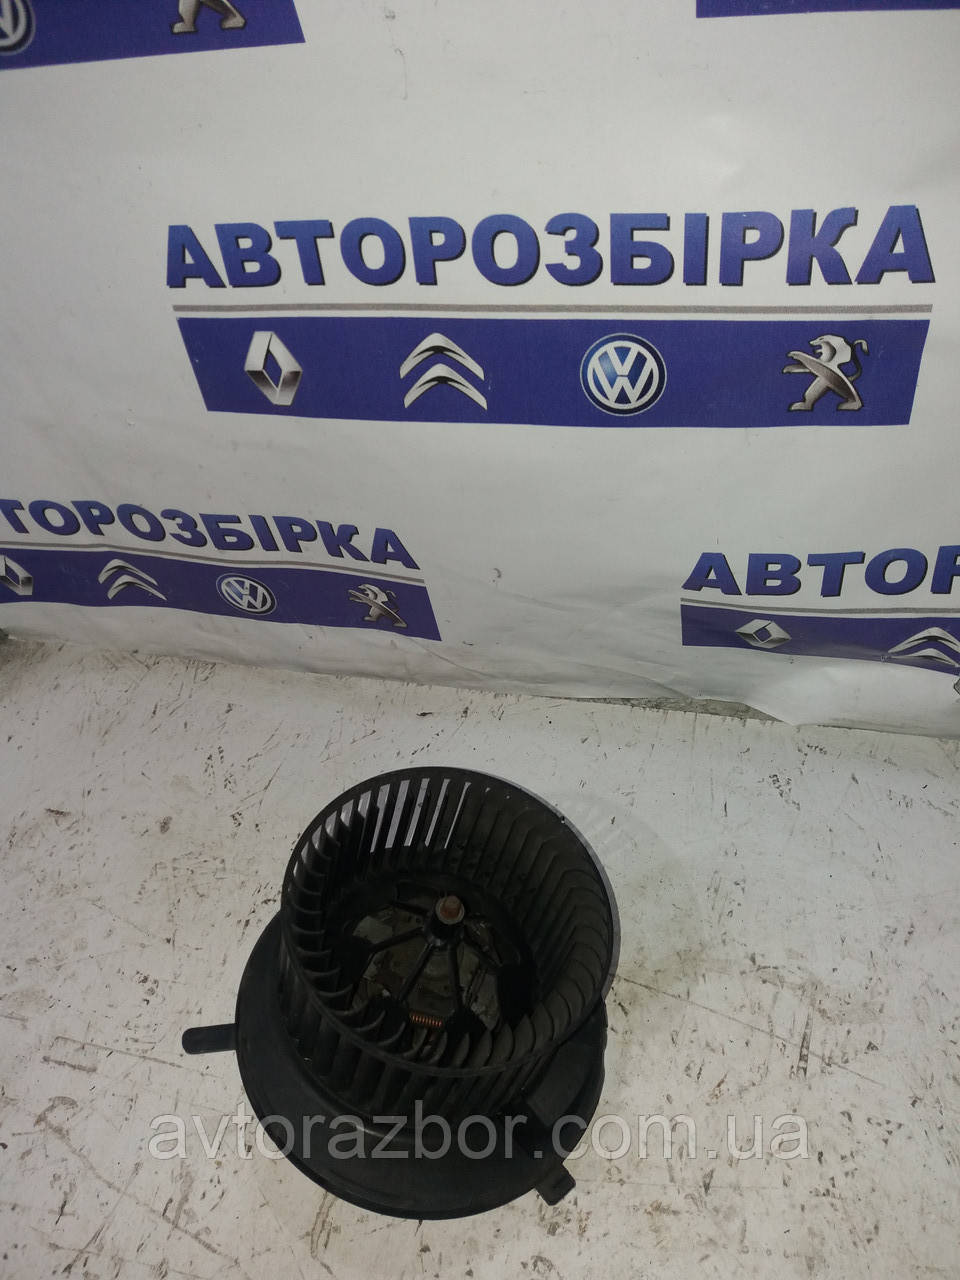 Моторчик печки Volkswagen Caddy 04-09 Фольксваген Кадди Кадді